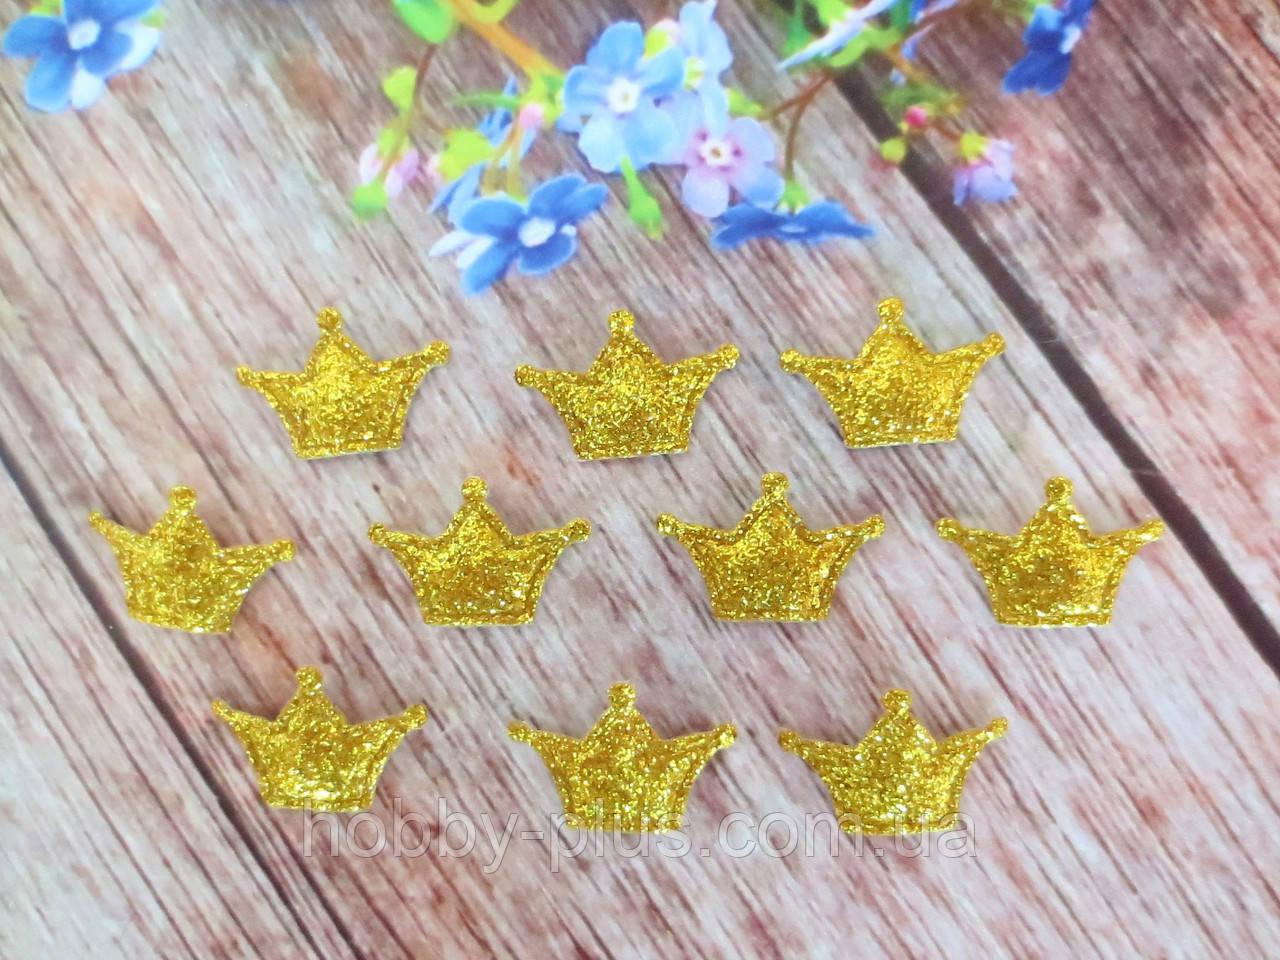 """Аппликация, патчи """"Корона"""", мелкий глиттер, цвет насыщенное золото, 20х15 мм, 20 шт."""